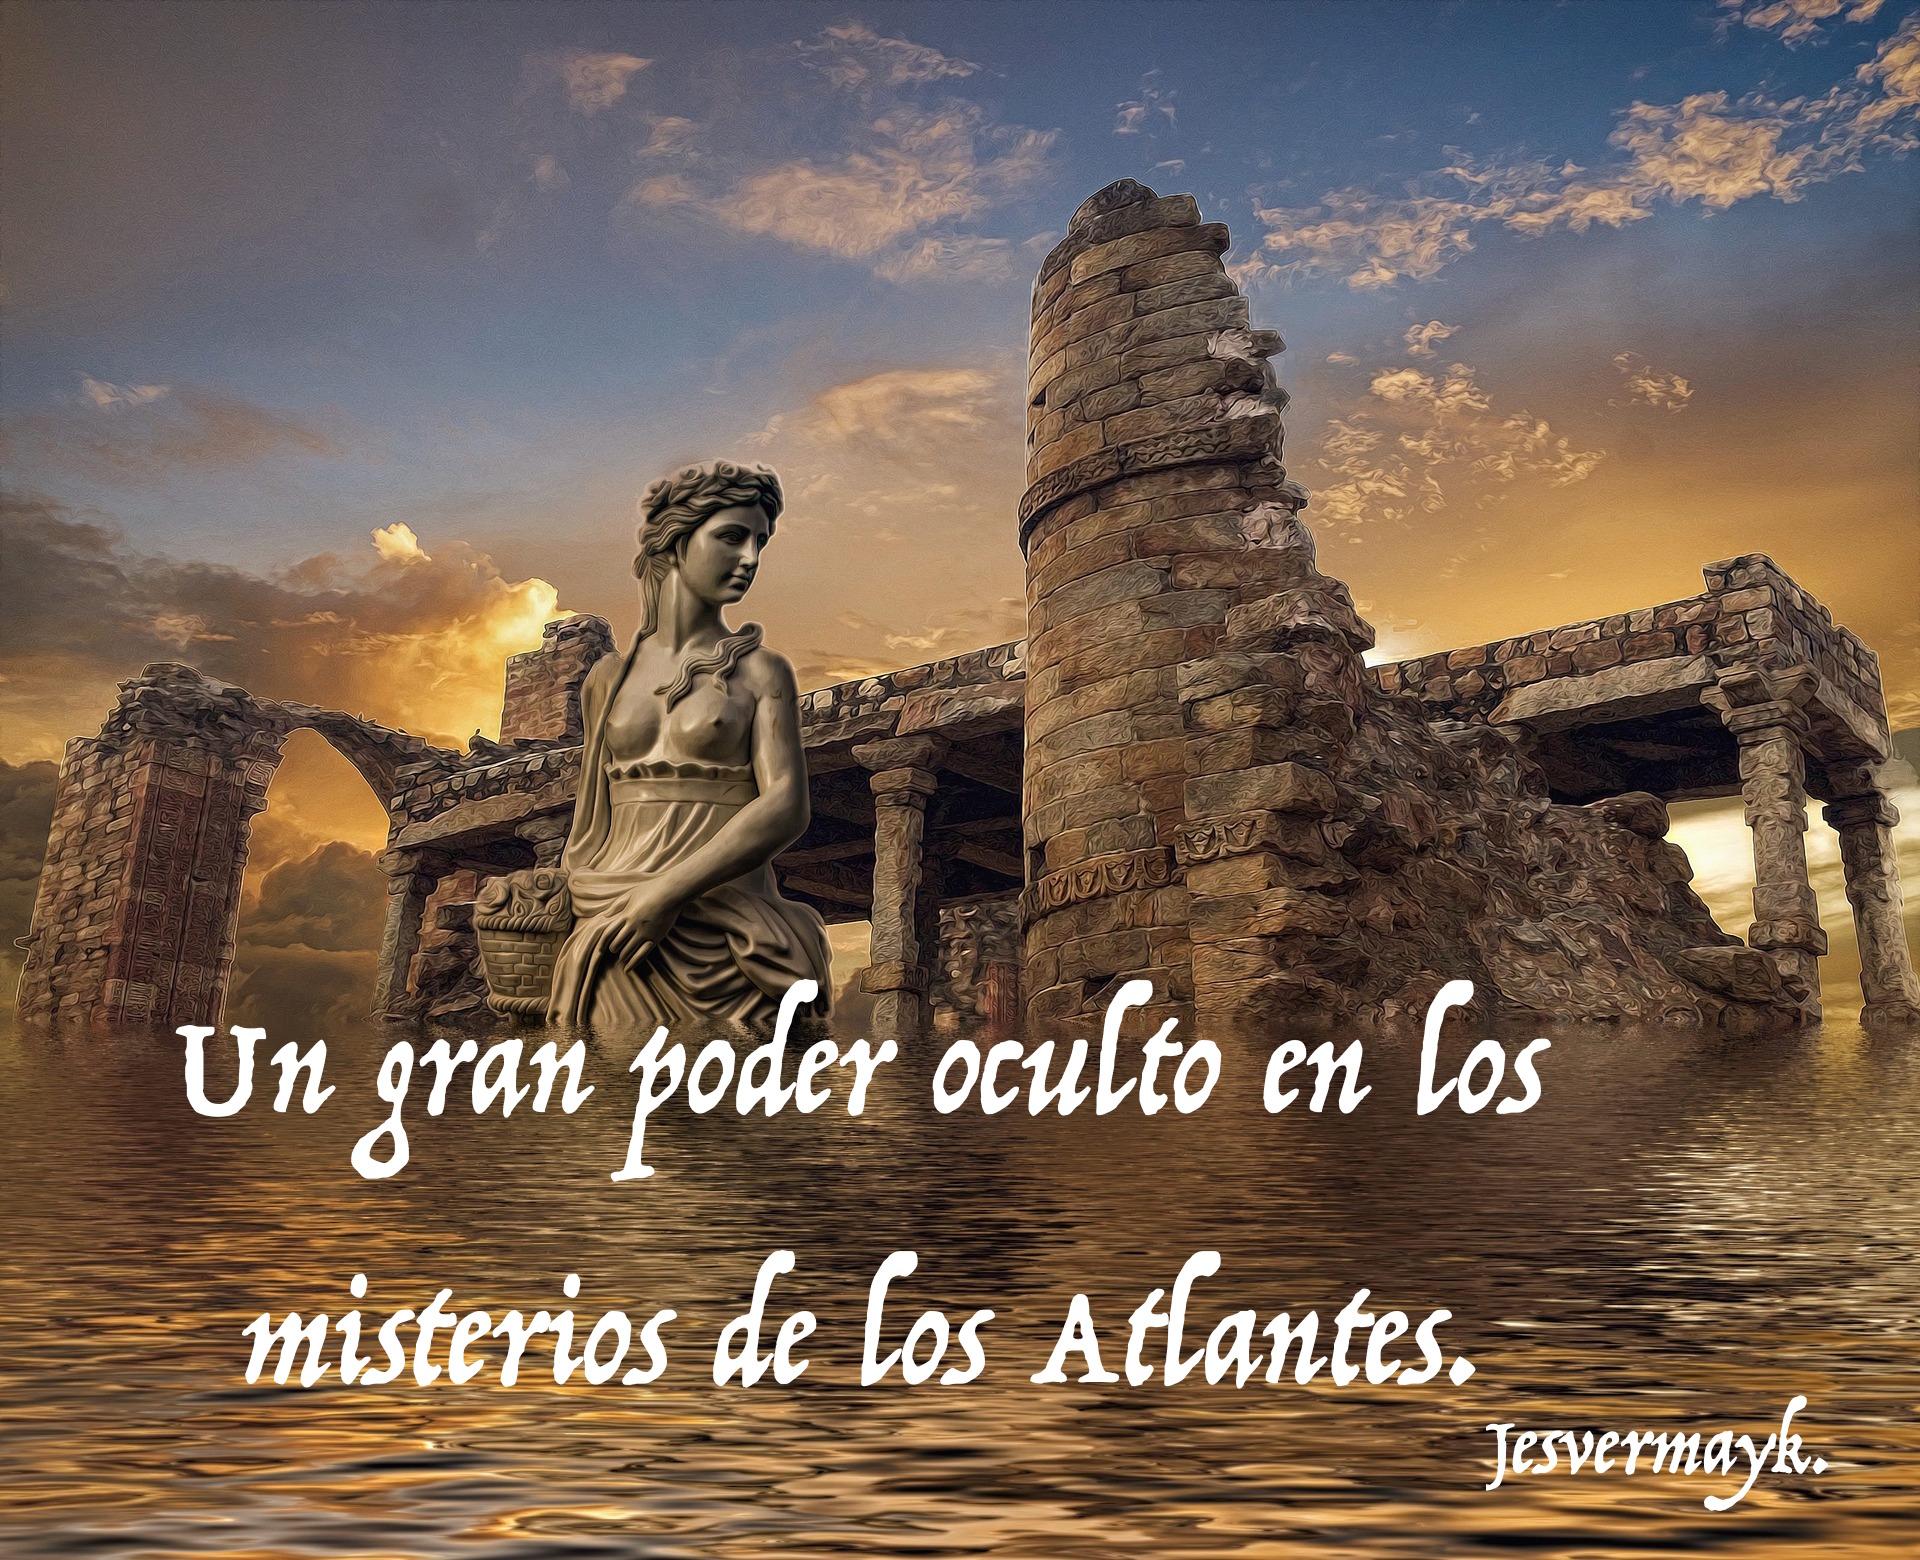 atlantis-2413464_1920